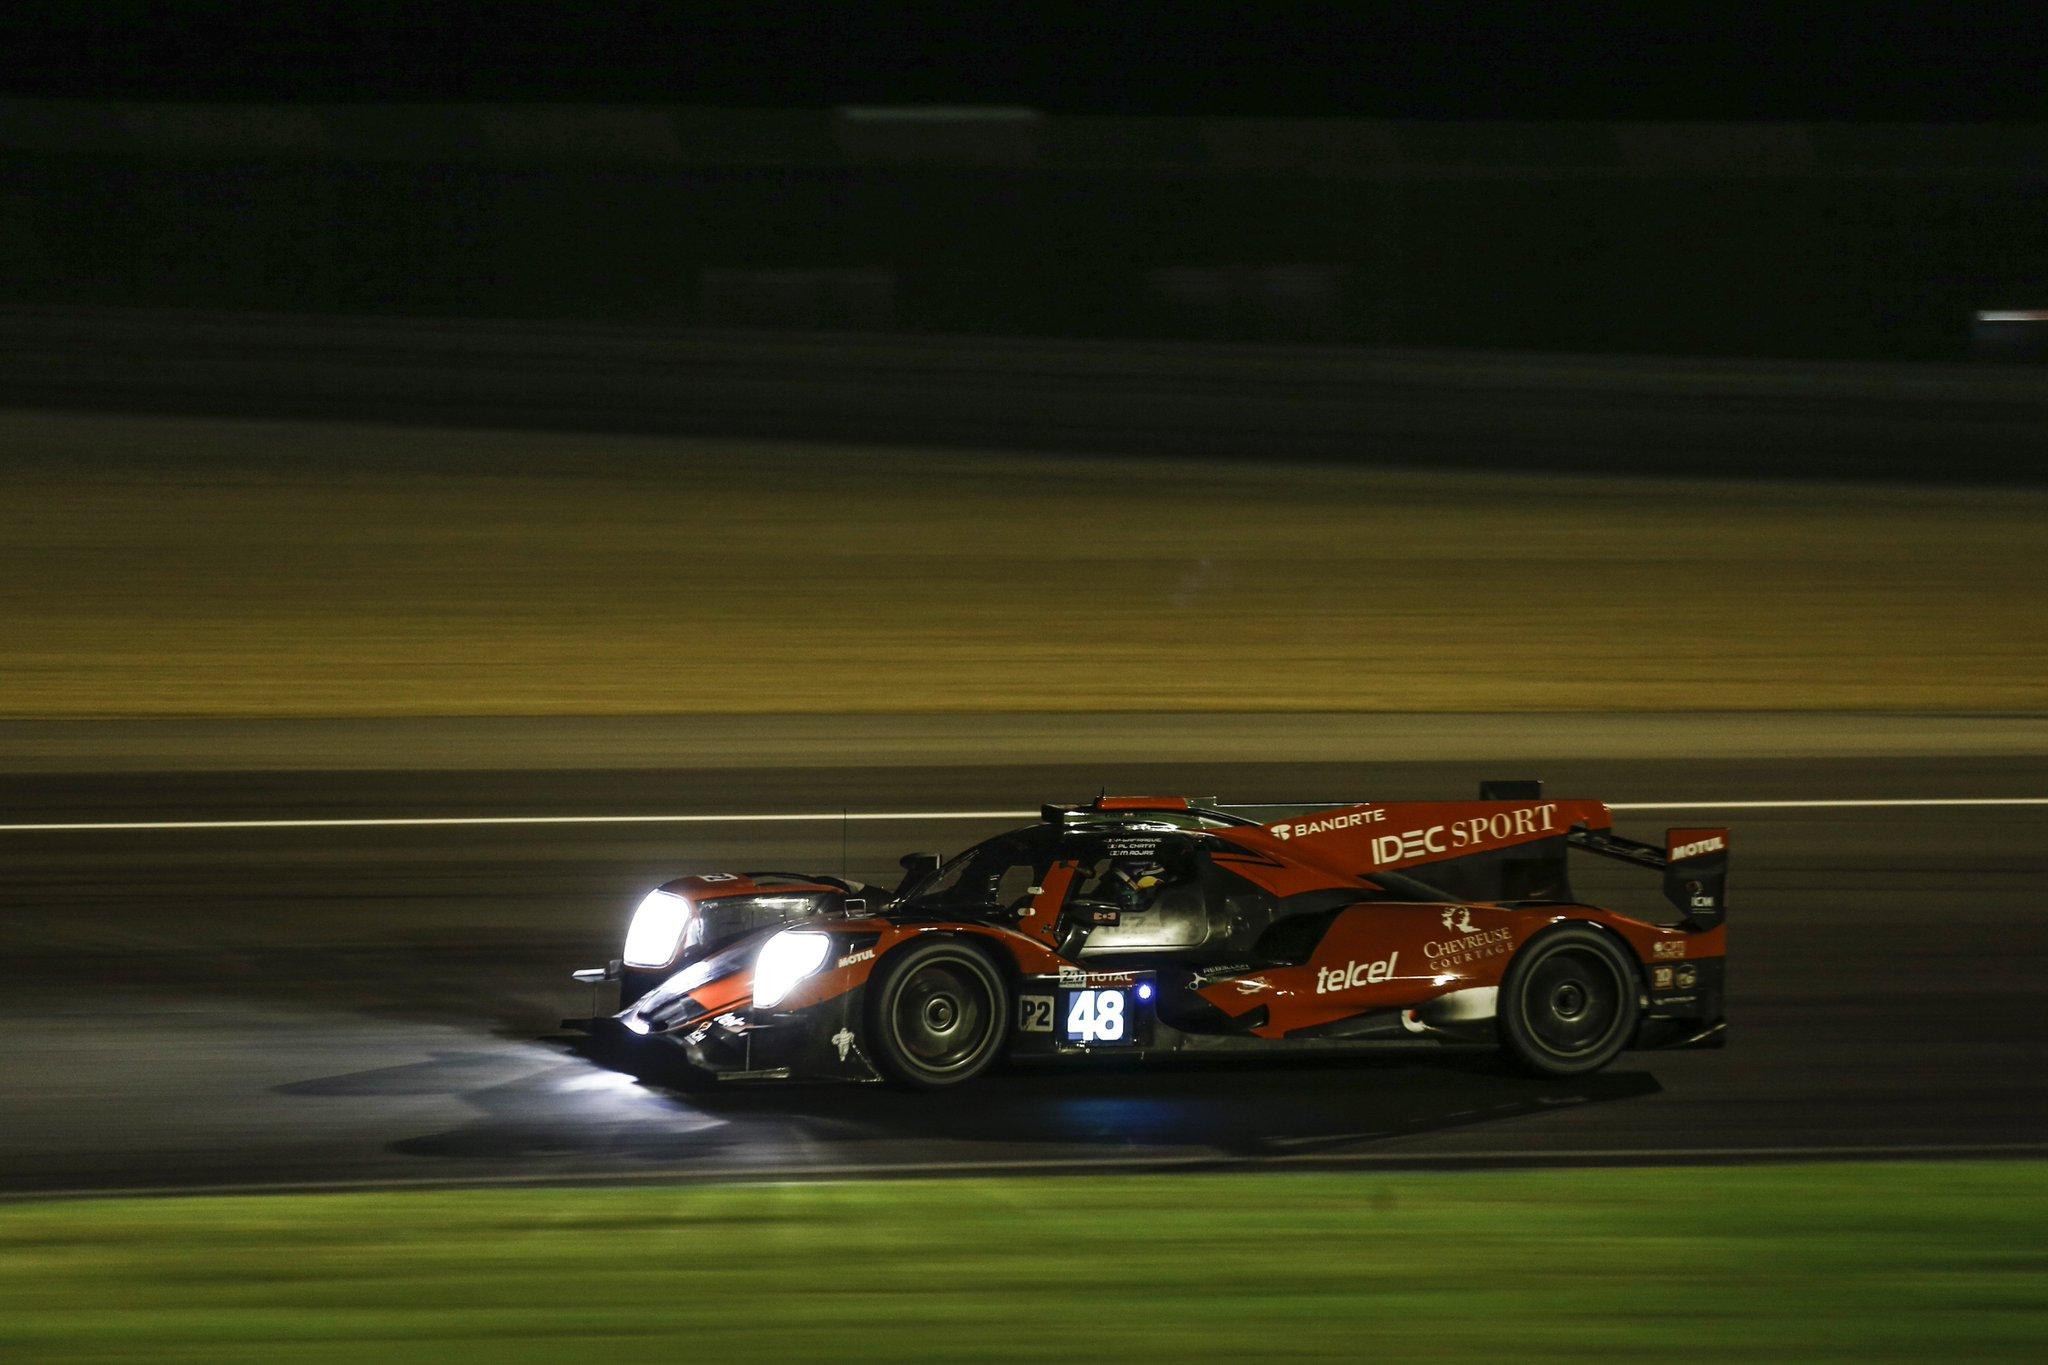 24 Horas de Le Mans 2018 - Página 2 Dfr03IiXUAAl3mq